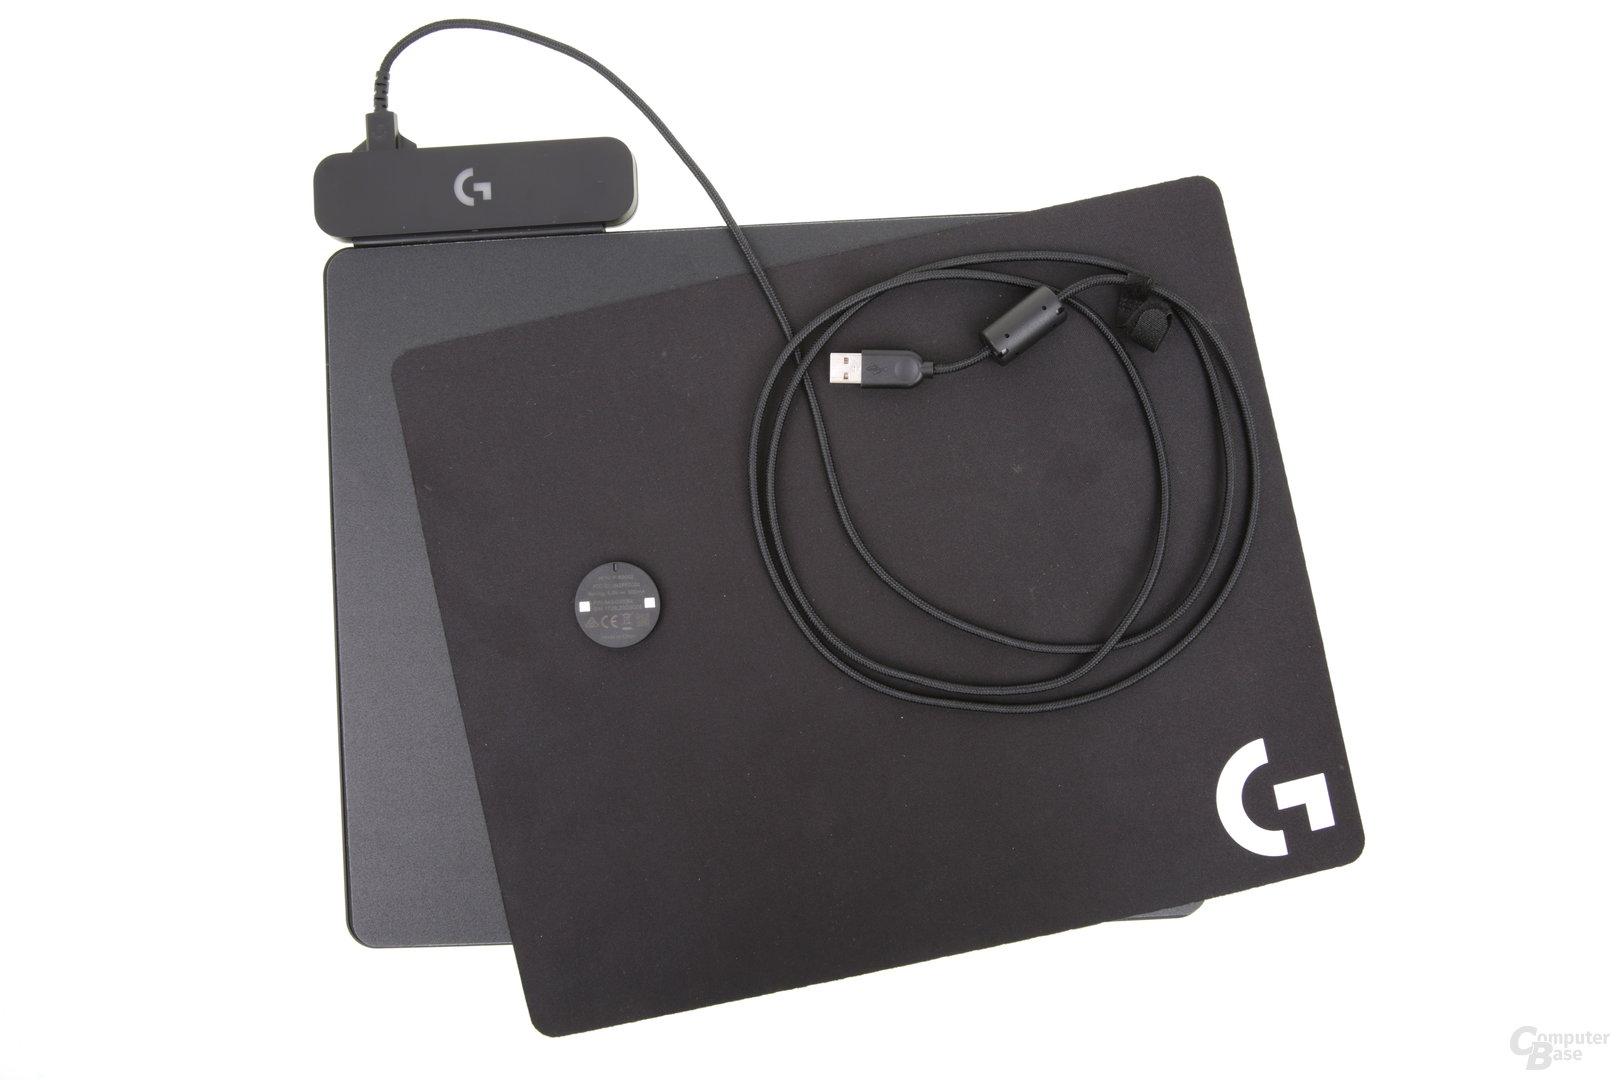 Dem Mauspad liegen zwei Oberflächen, der Powercore und 180 cm USB-Kabel bei